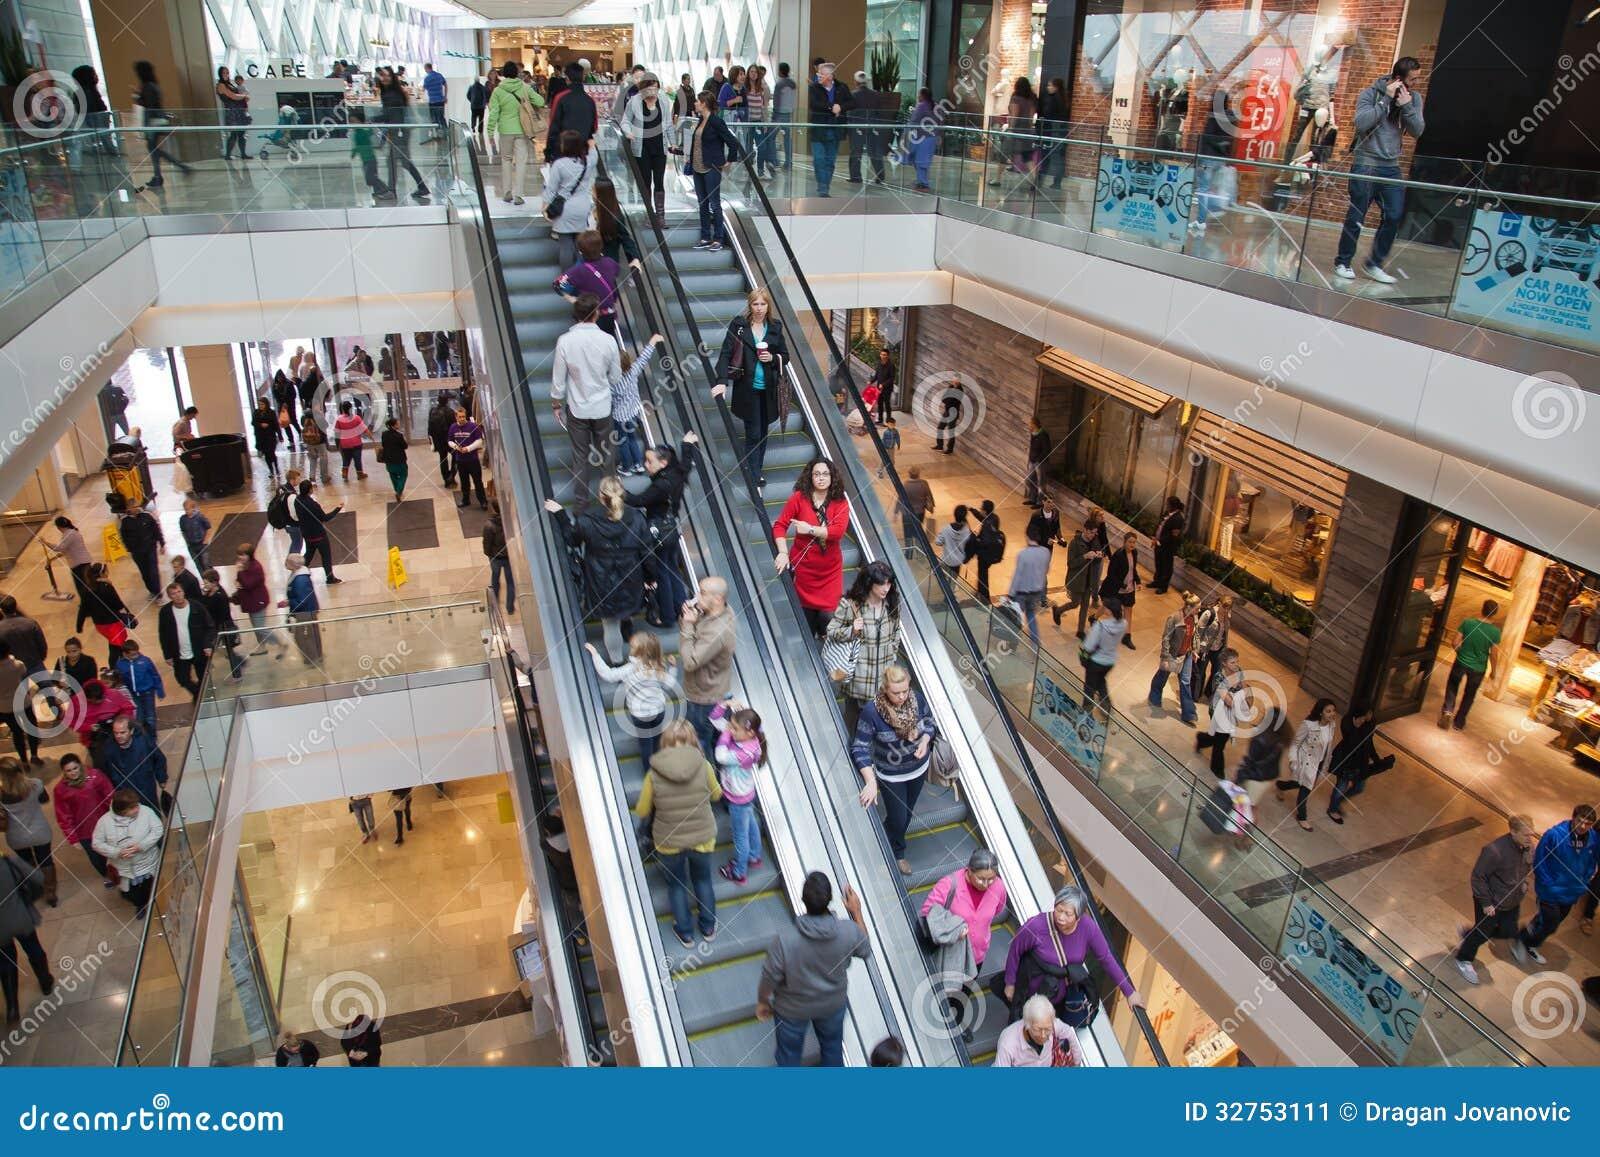 Centro comercial exterior